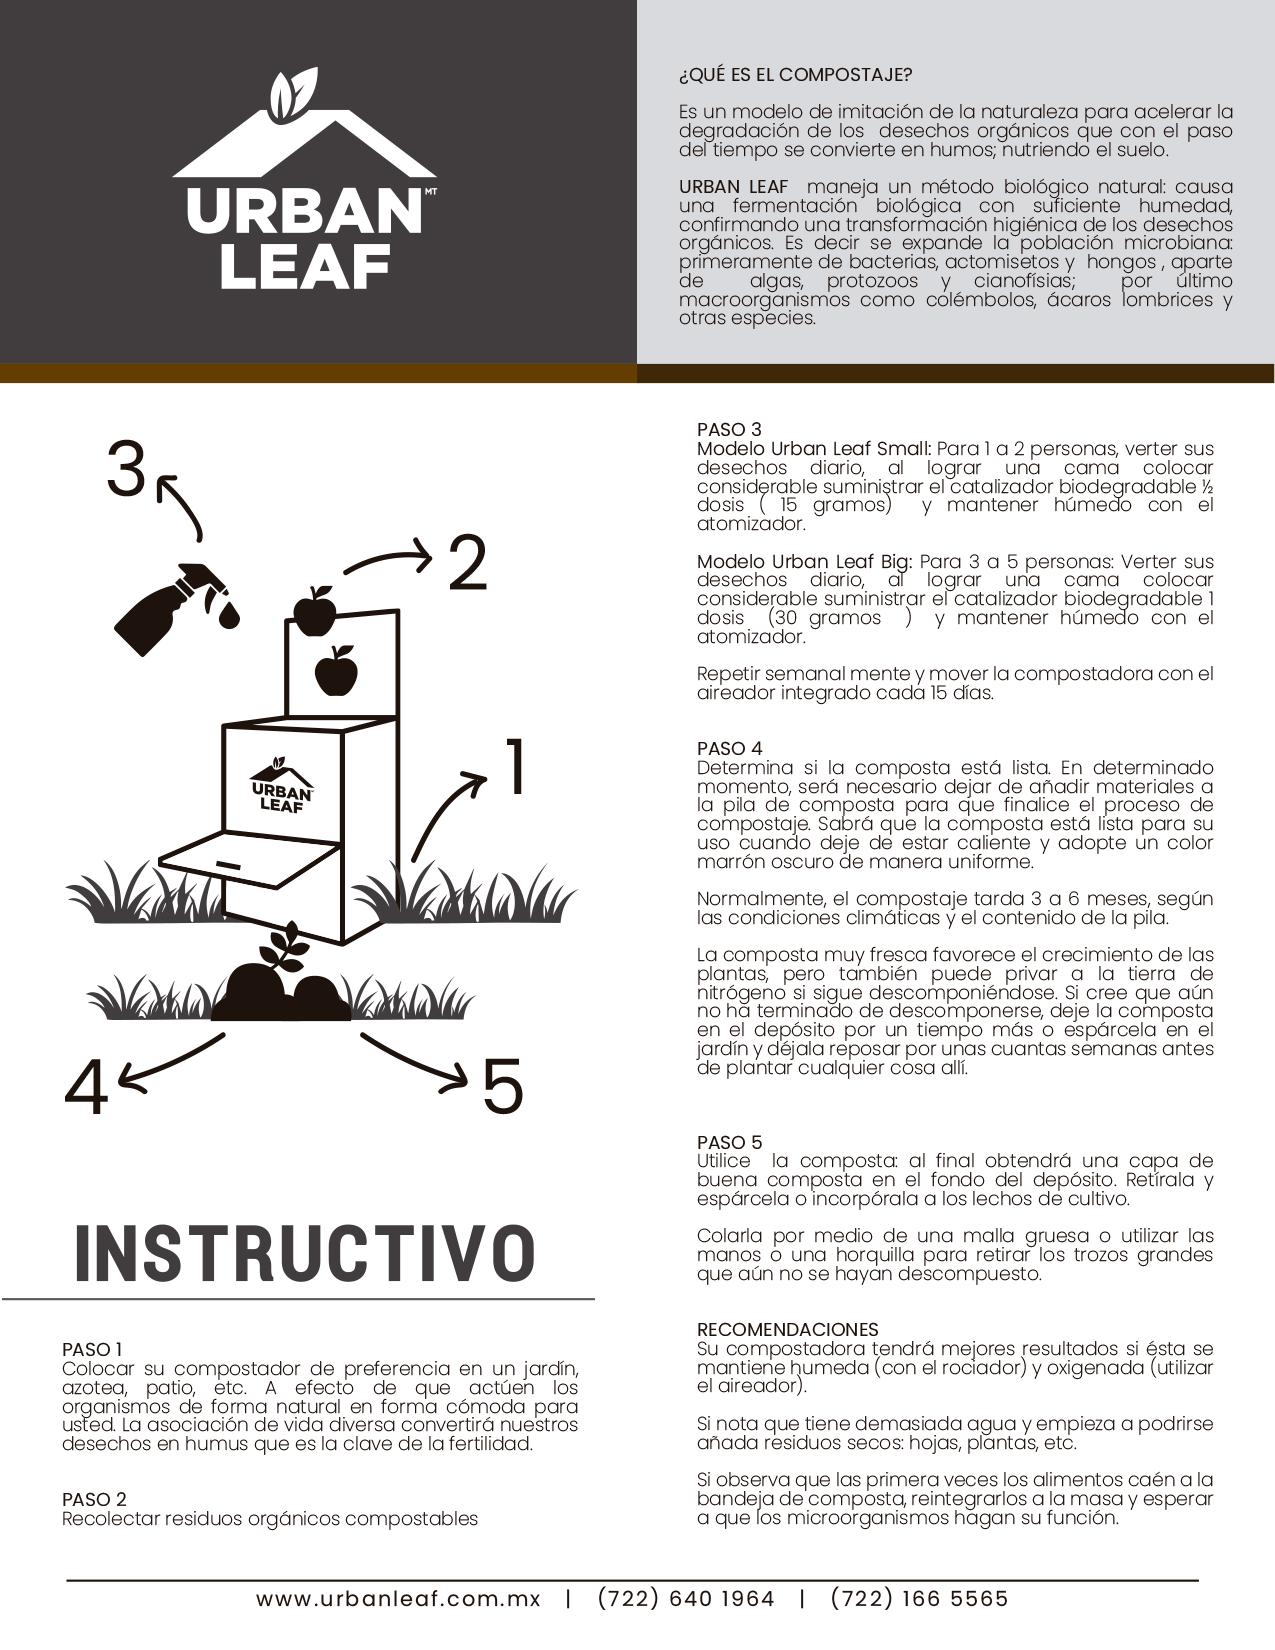 Instructivo instalación urban leaf